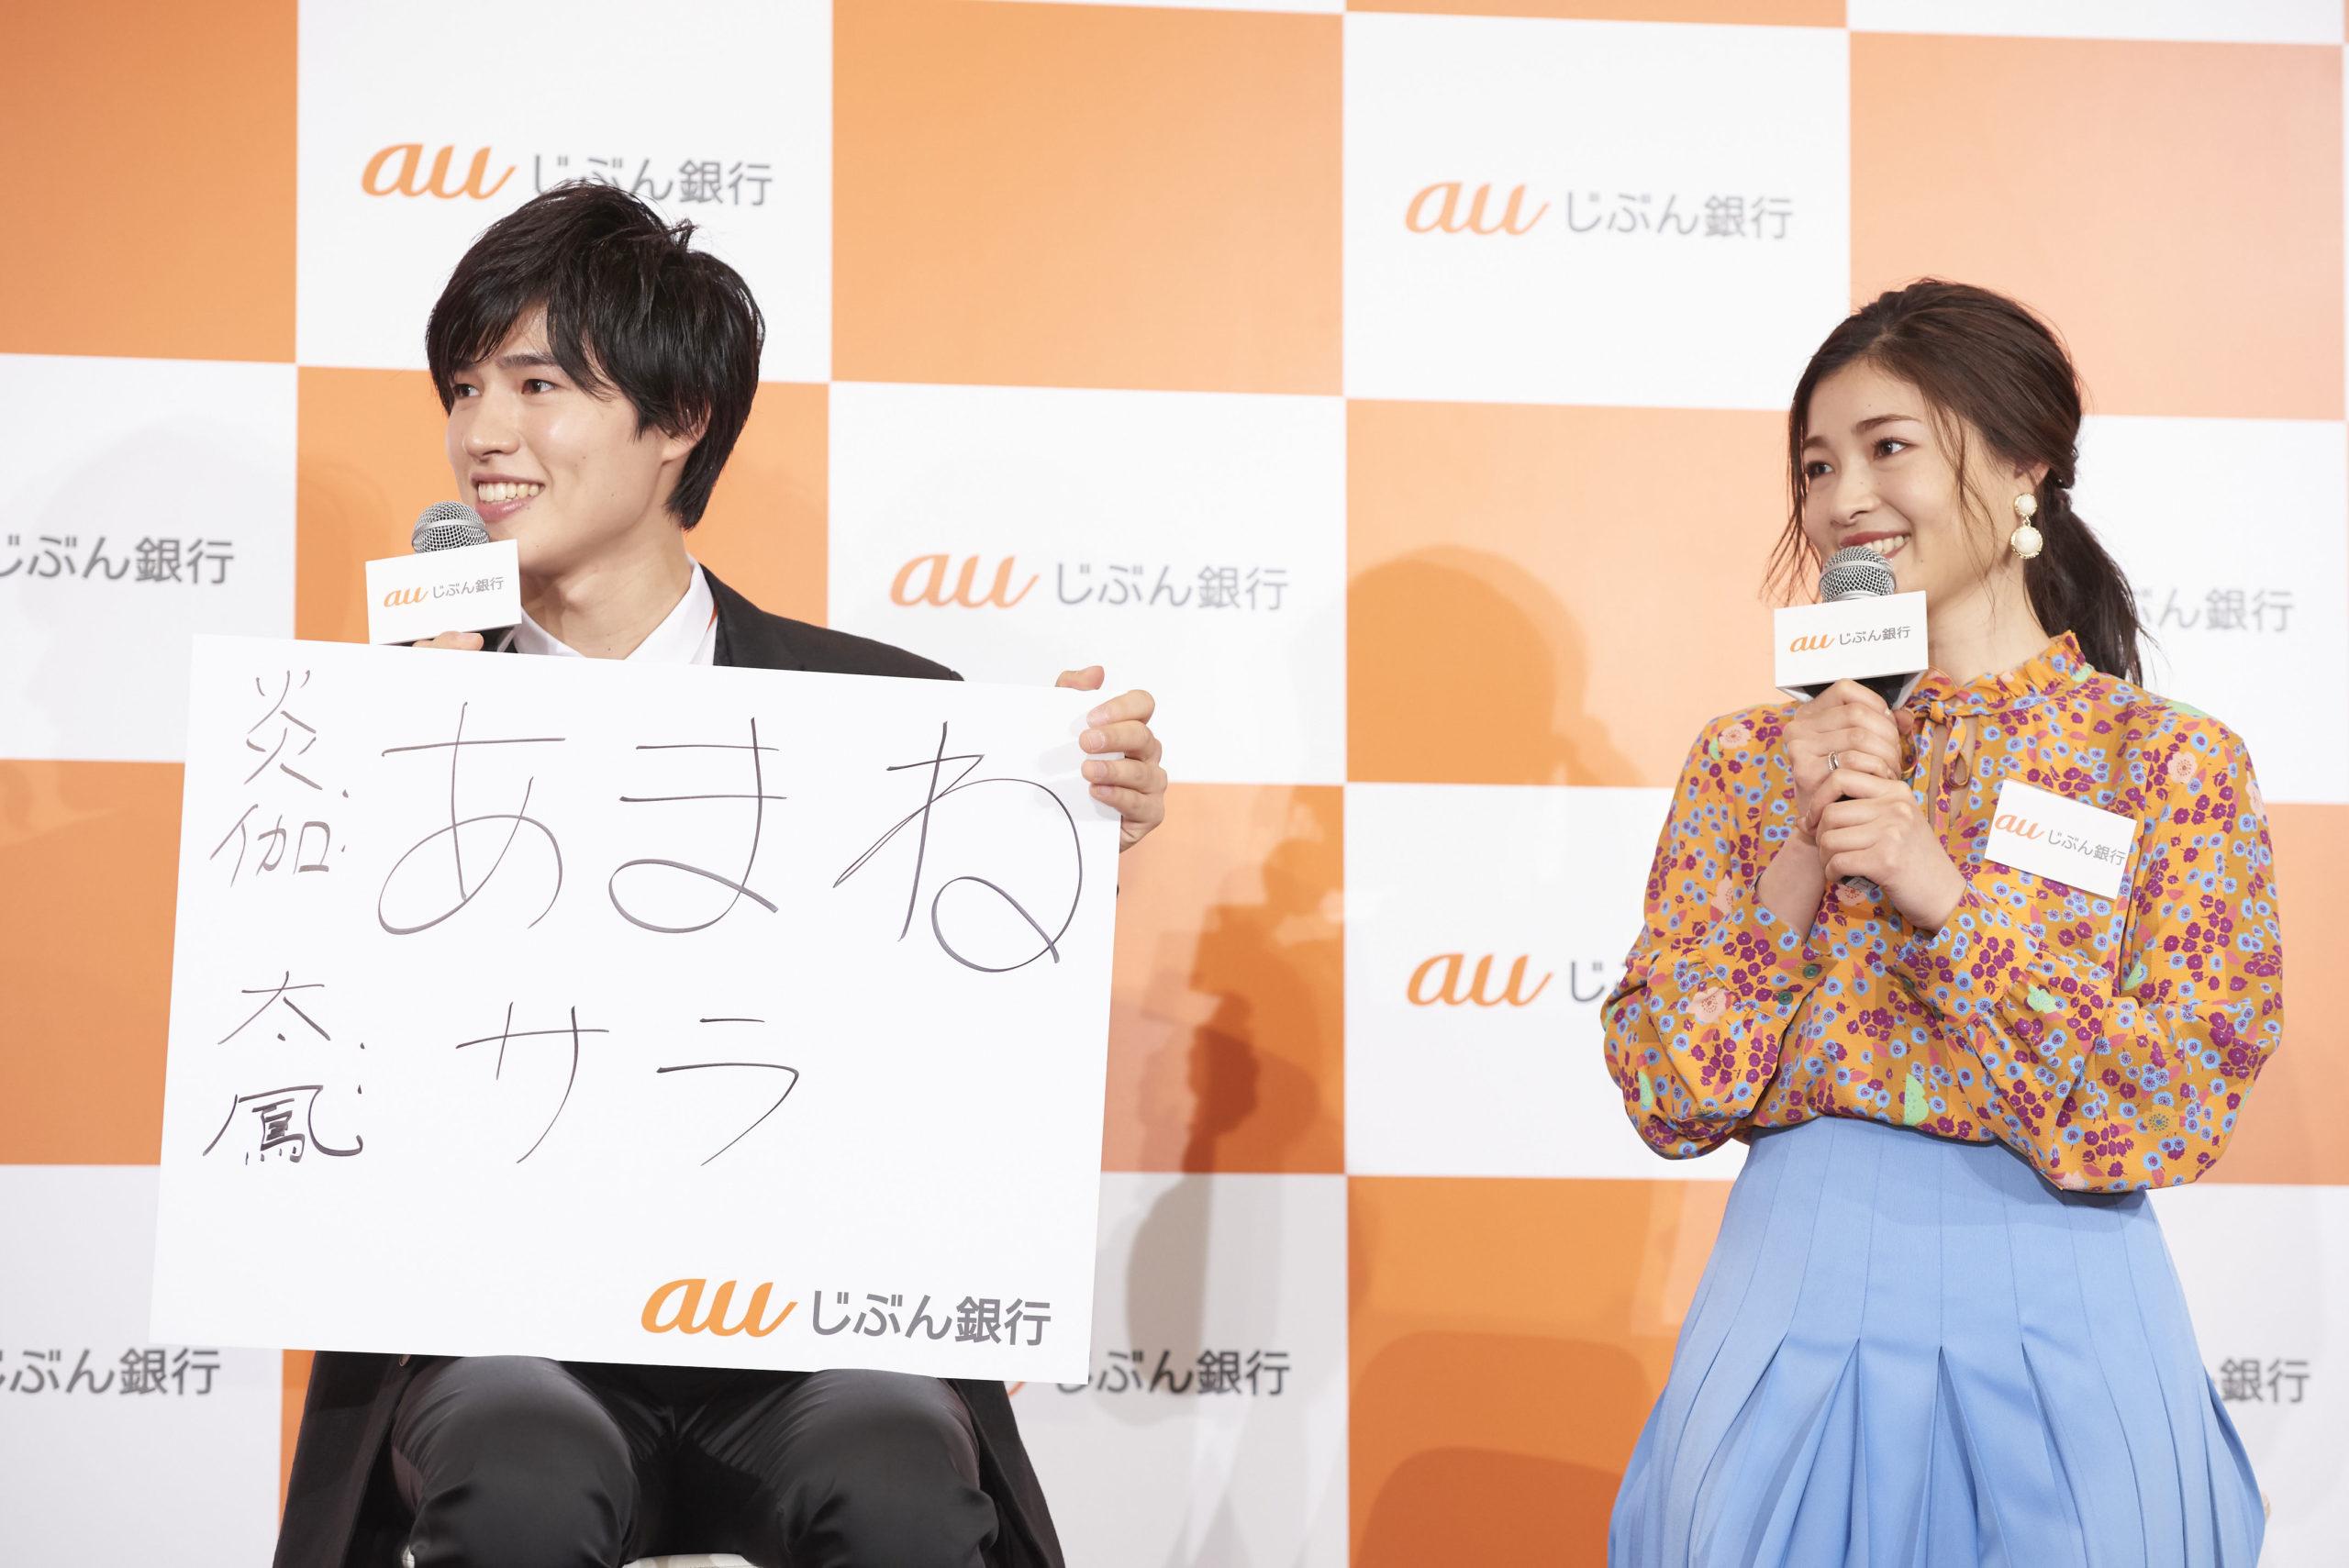 土屋炎伽&神葉/2020年2月10日、「auじぶん銀行」行名変更記者説明会にて